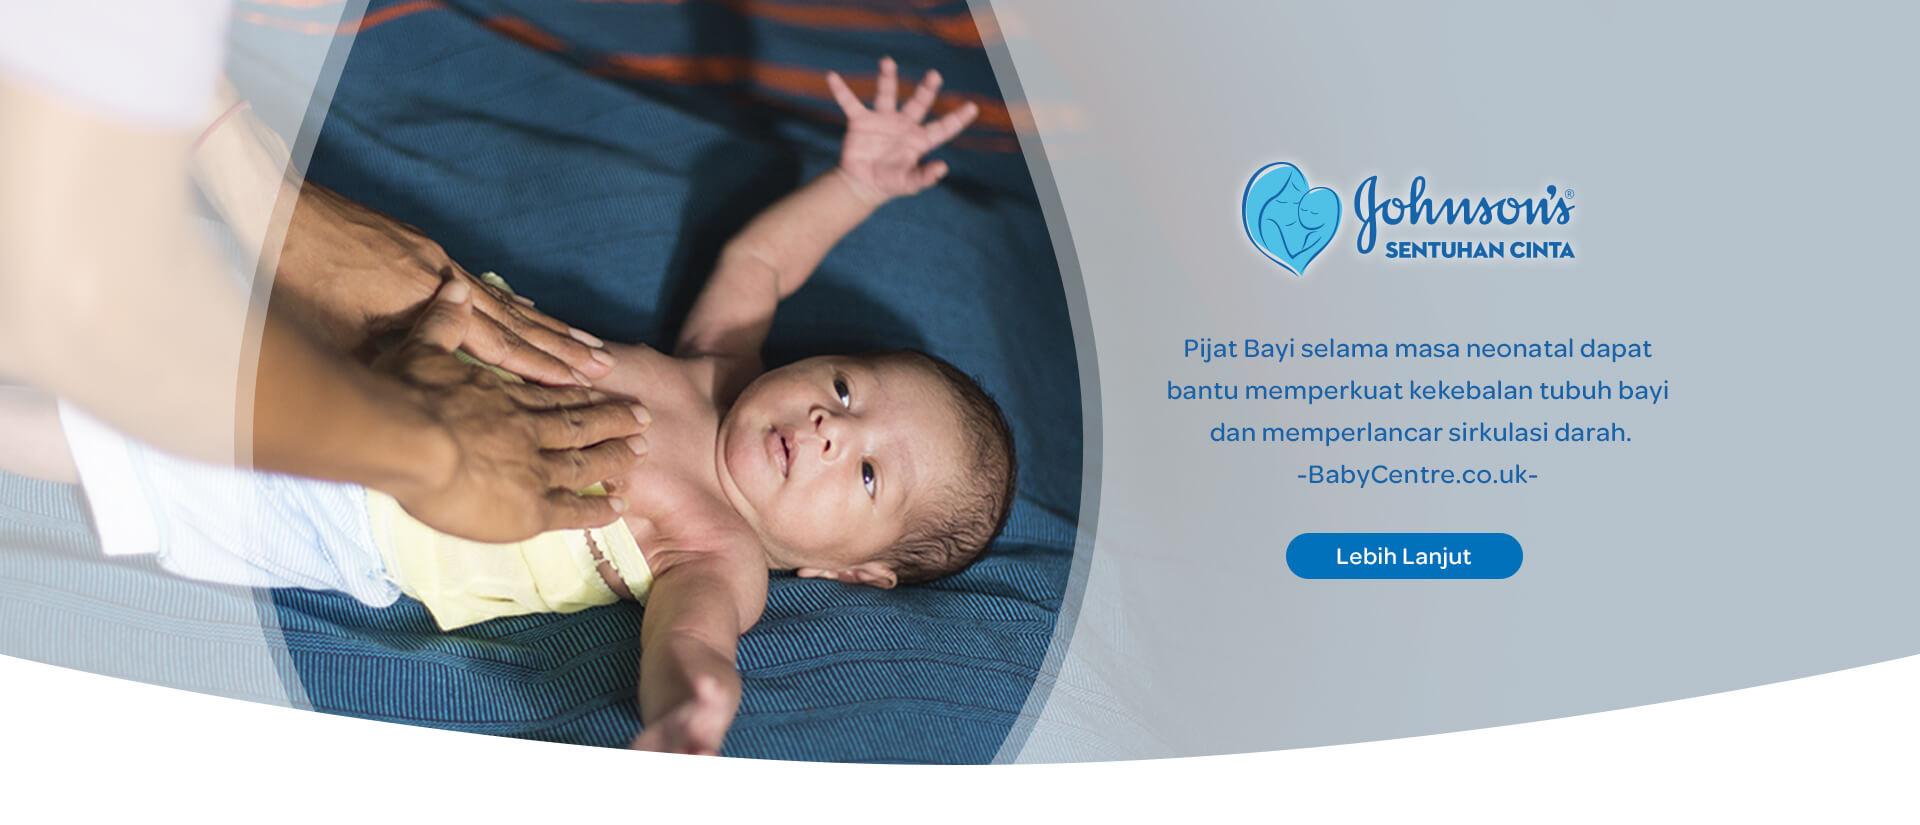 Pijat Bayi selama neonatal dapat bantu memperkuat kekebalan tubuh bayi dan mmemperlancar sirkulasi darah